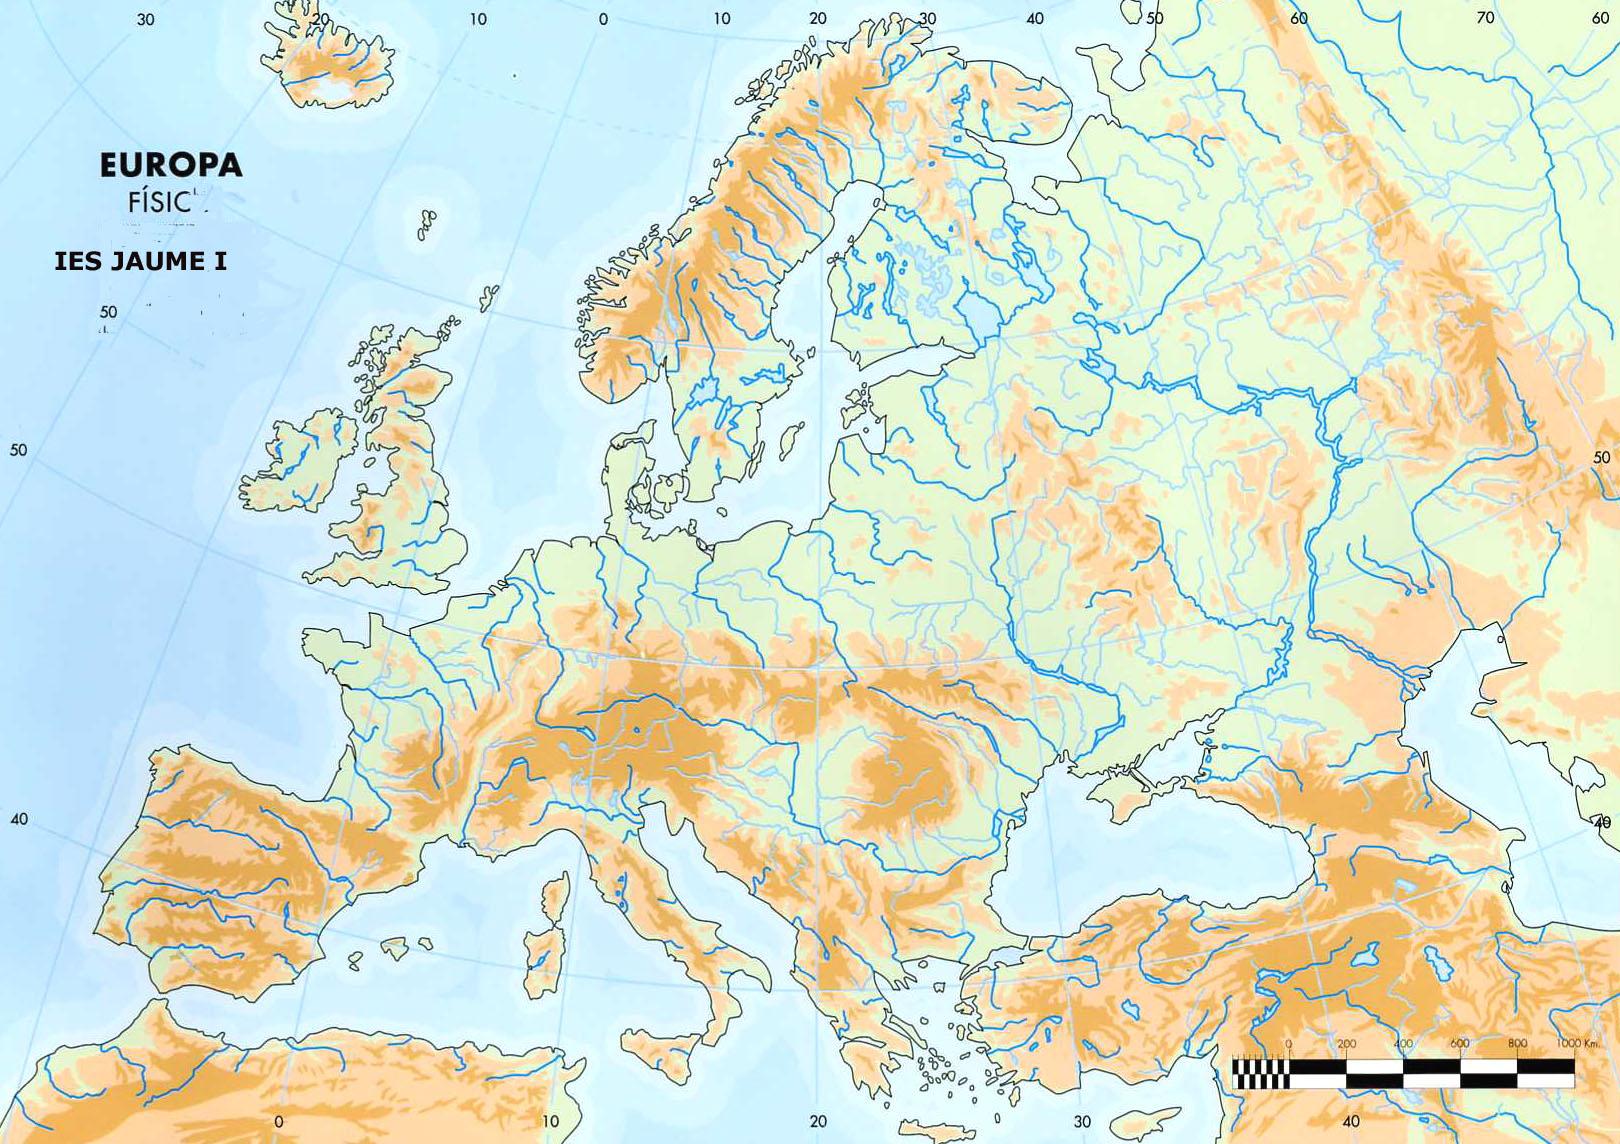 Juegos De Geografia Juego De Mapa Fisico De Europa 3º Eso